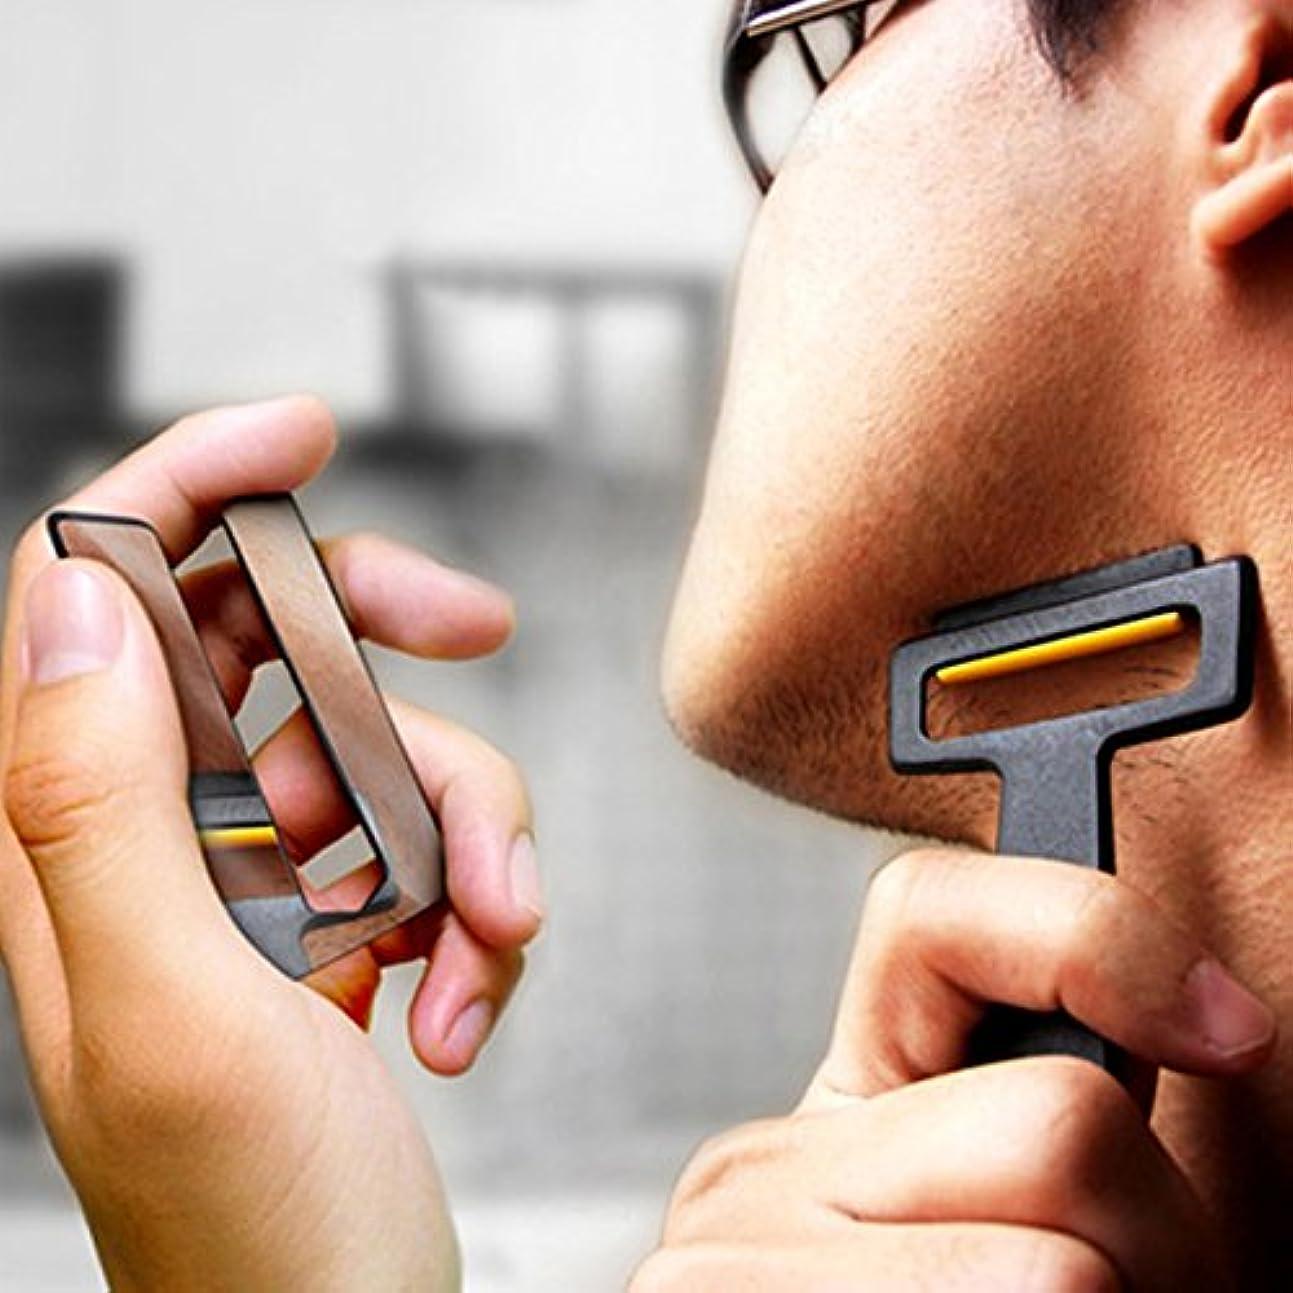 Pogass Carzor 3 In 1 Card設計された財布ミニかみそりビードポータブルひげ剃りミラースタンドキット